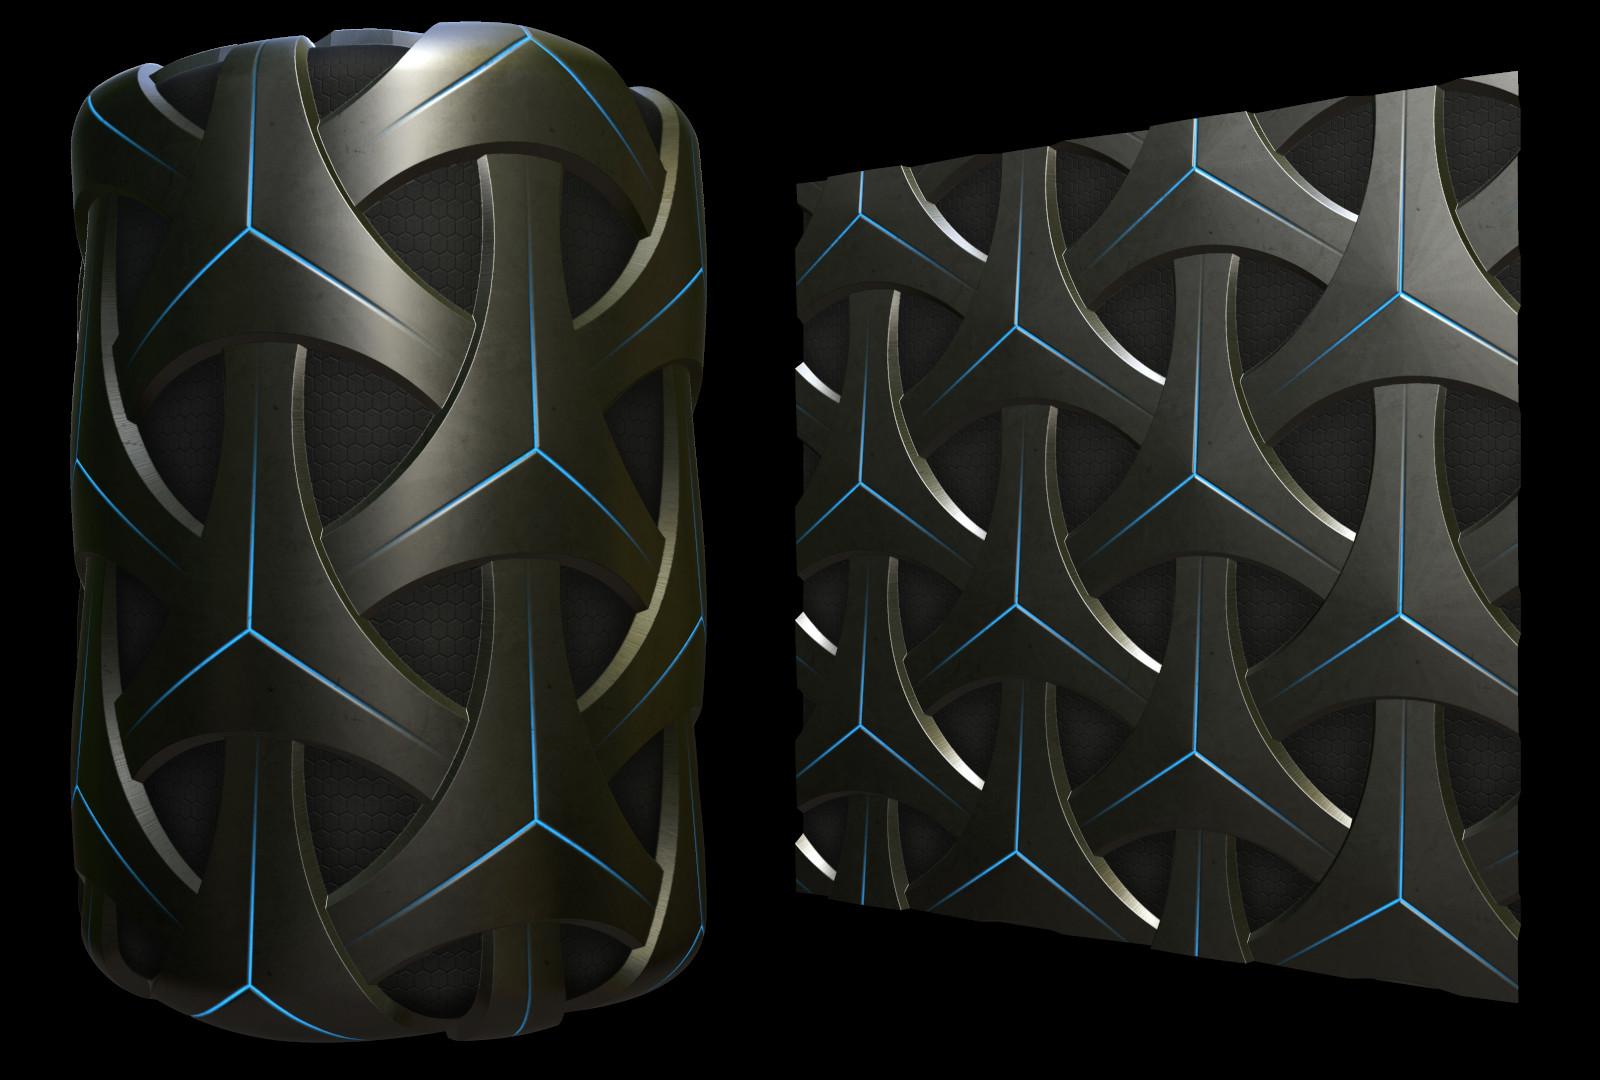 Sci-fi Metal Tiles Material